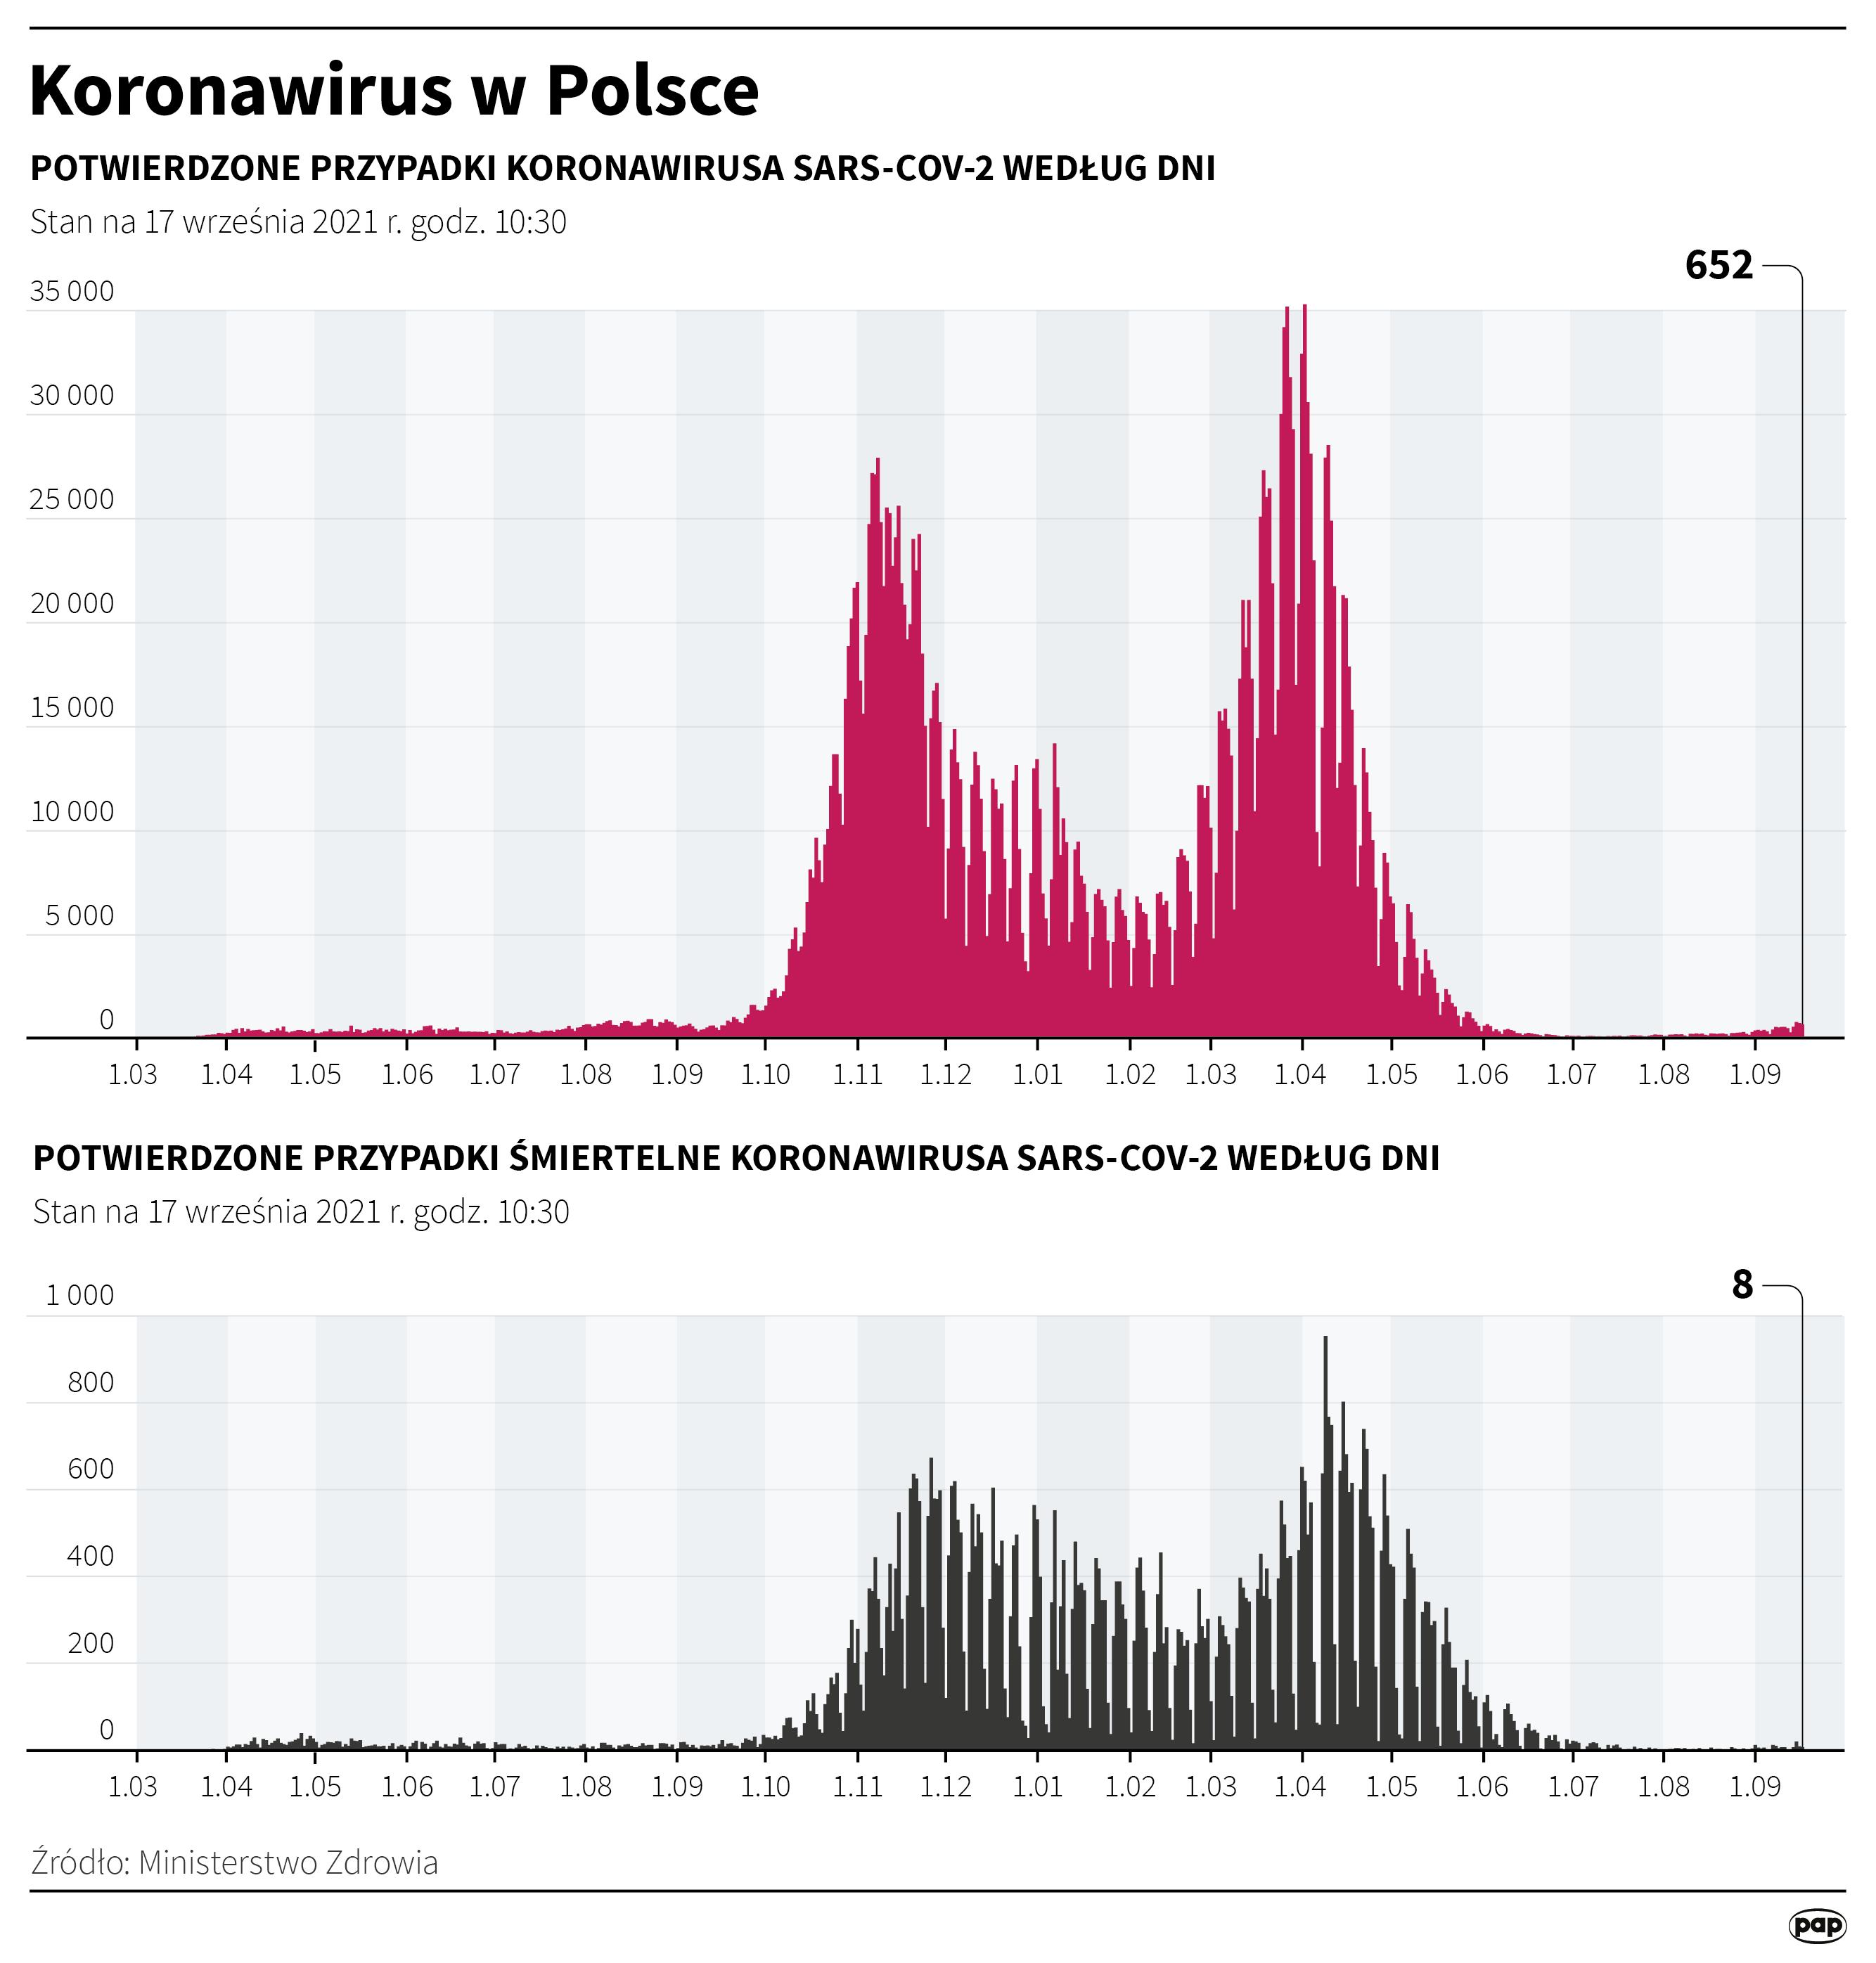 Koronawirus w Polsce stan na 17 września [autor: Maciej Zieliński, źródło: PAP]